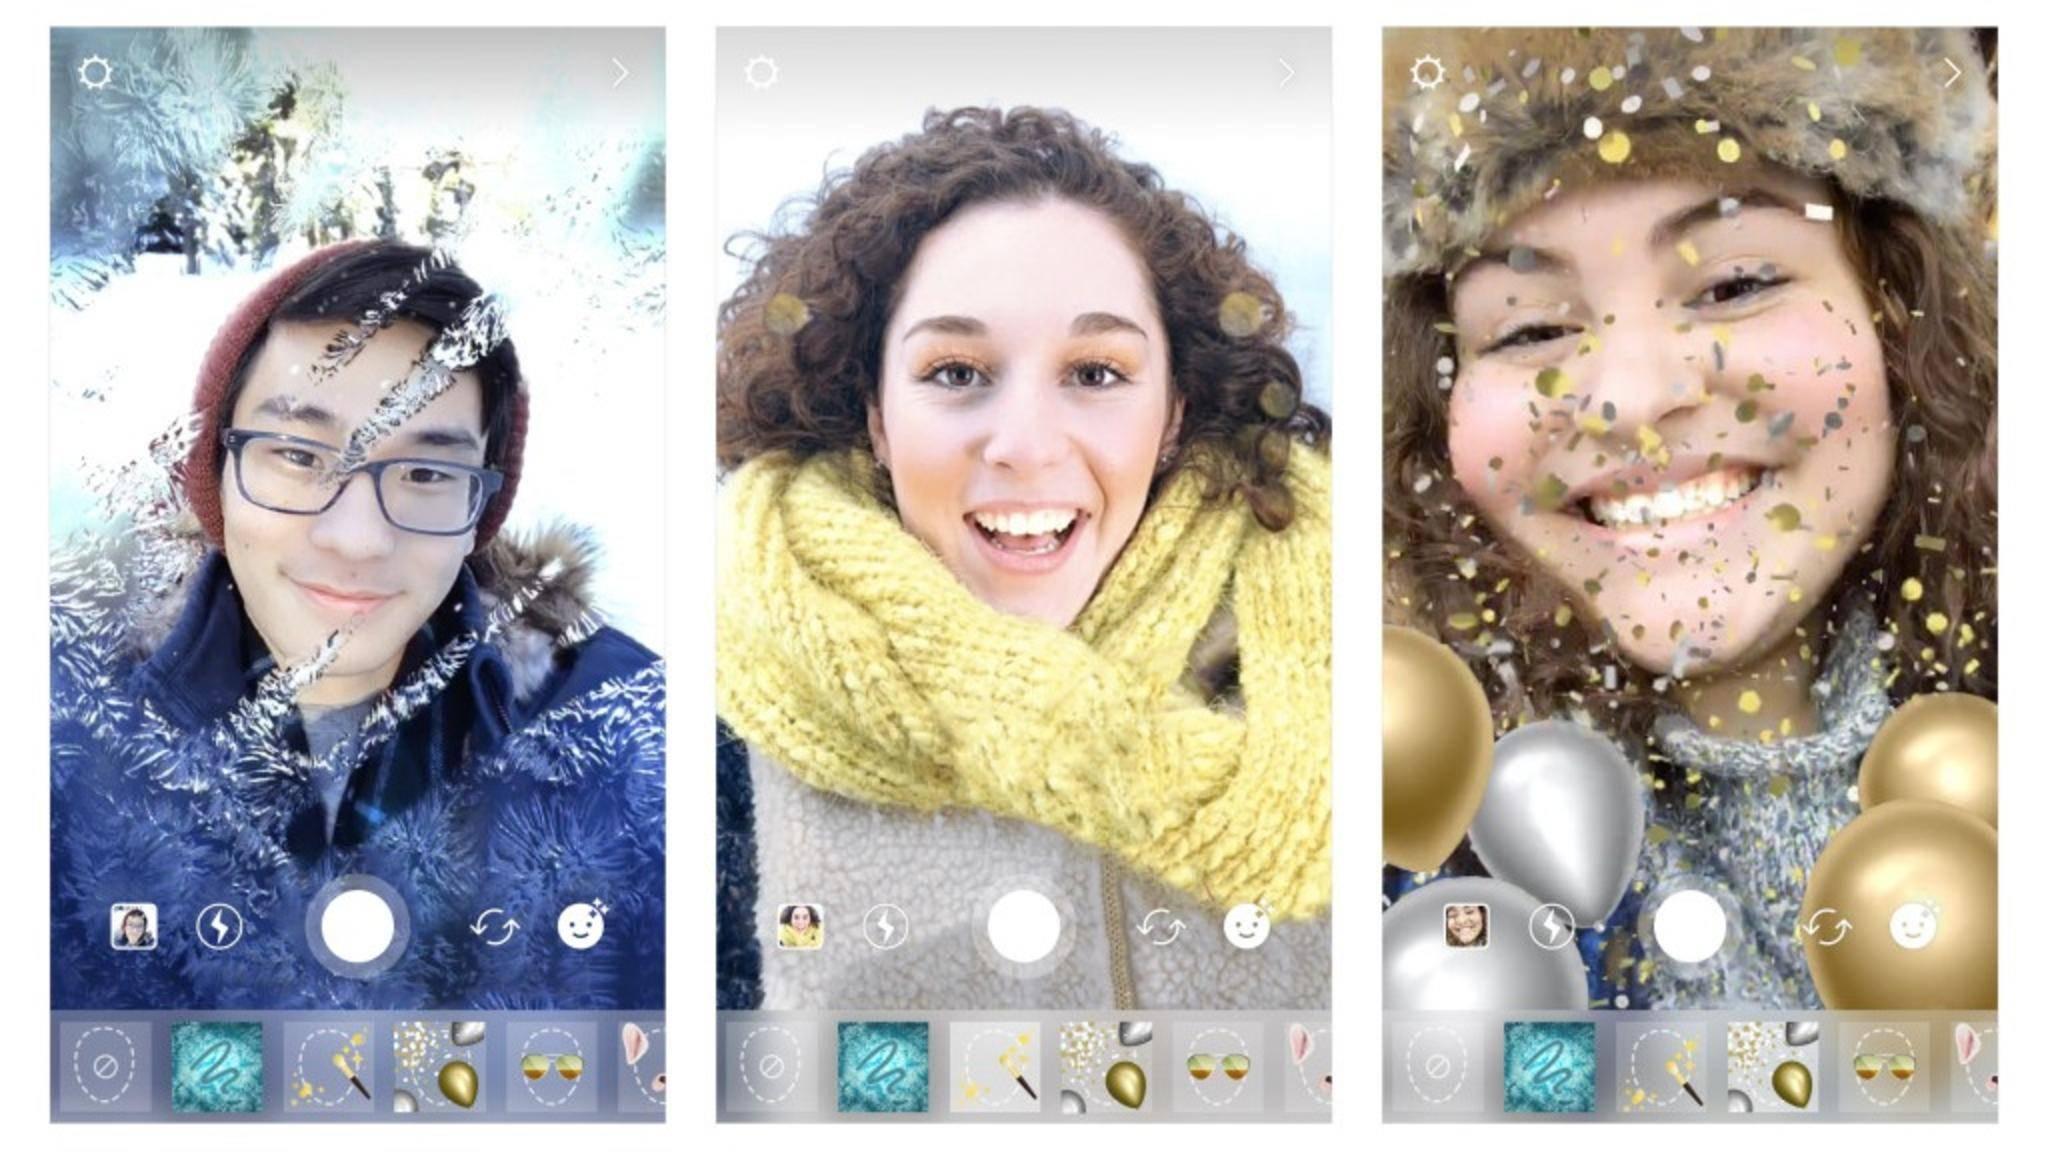 Die neuen Instagram-Weihnachtsfilter sorgen für Festtagsstimmung.